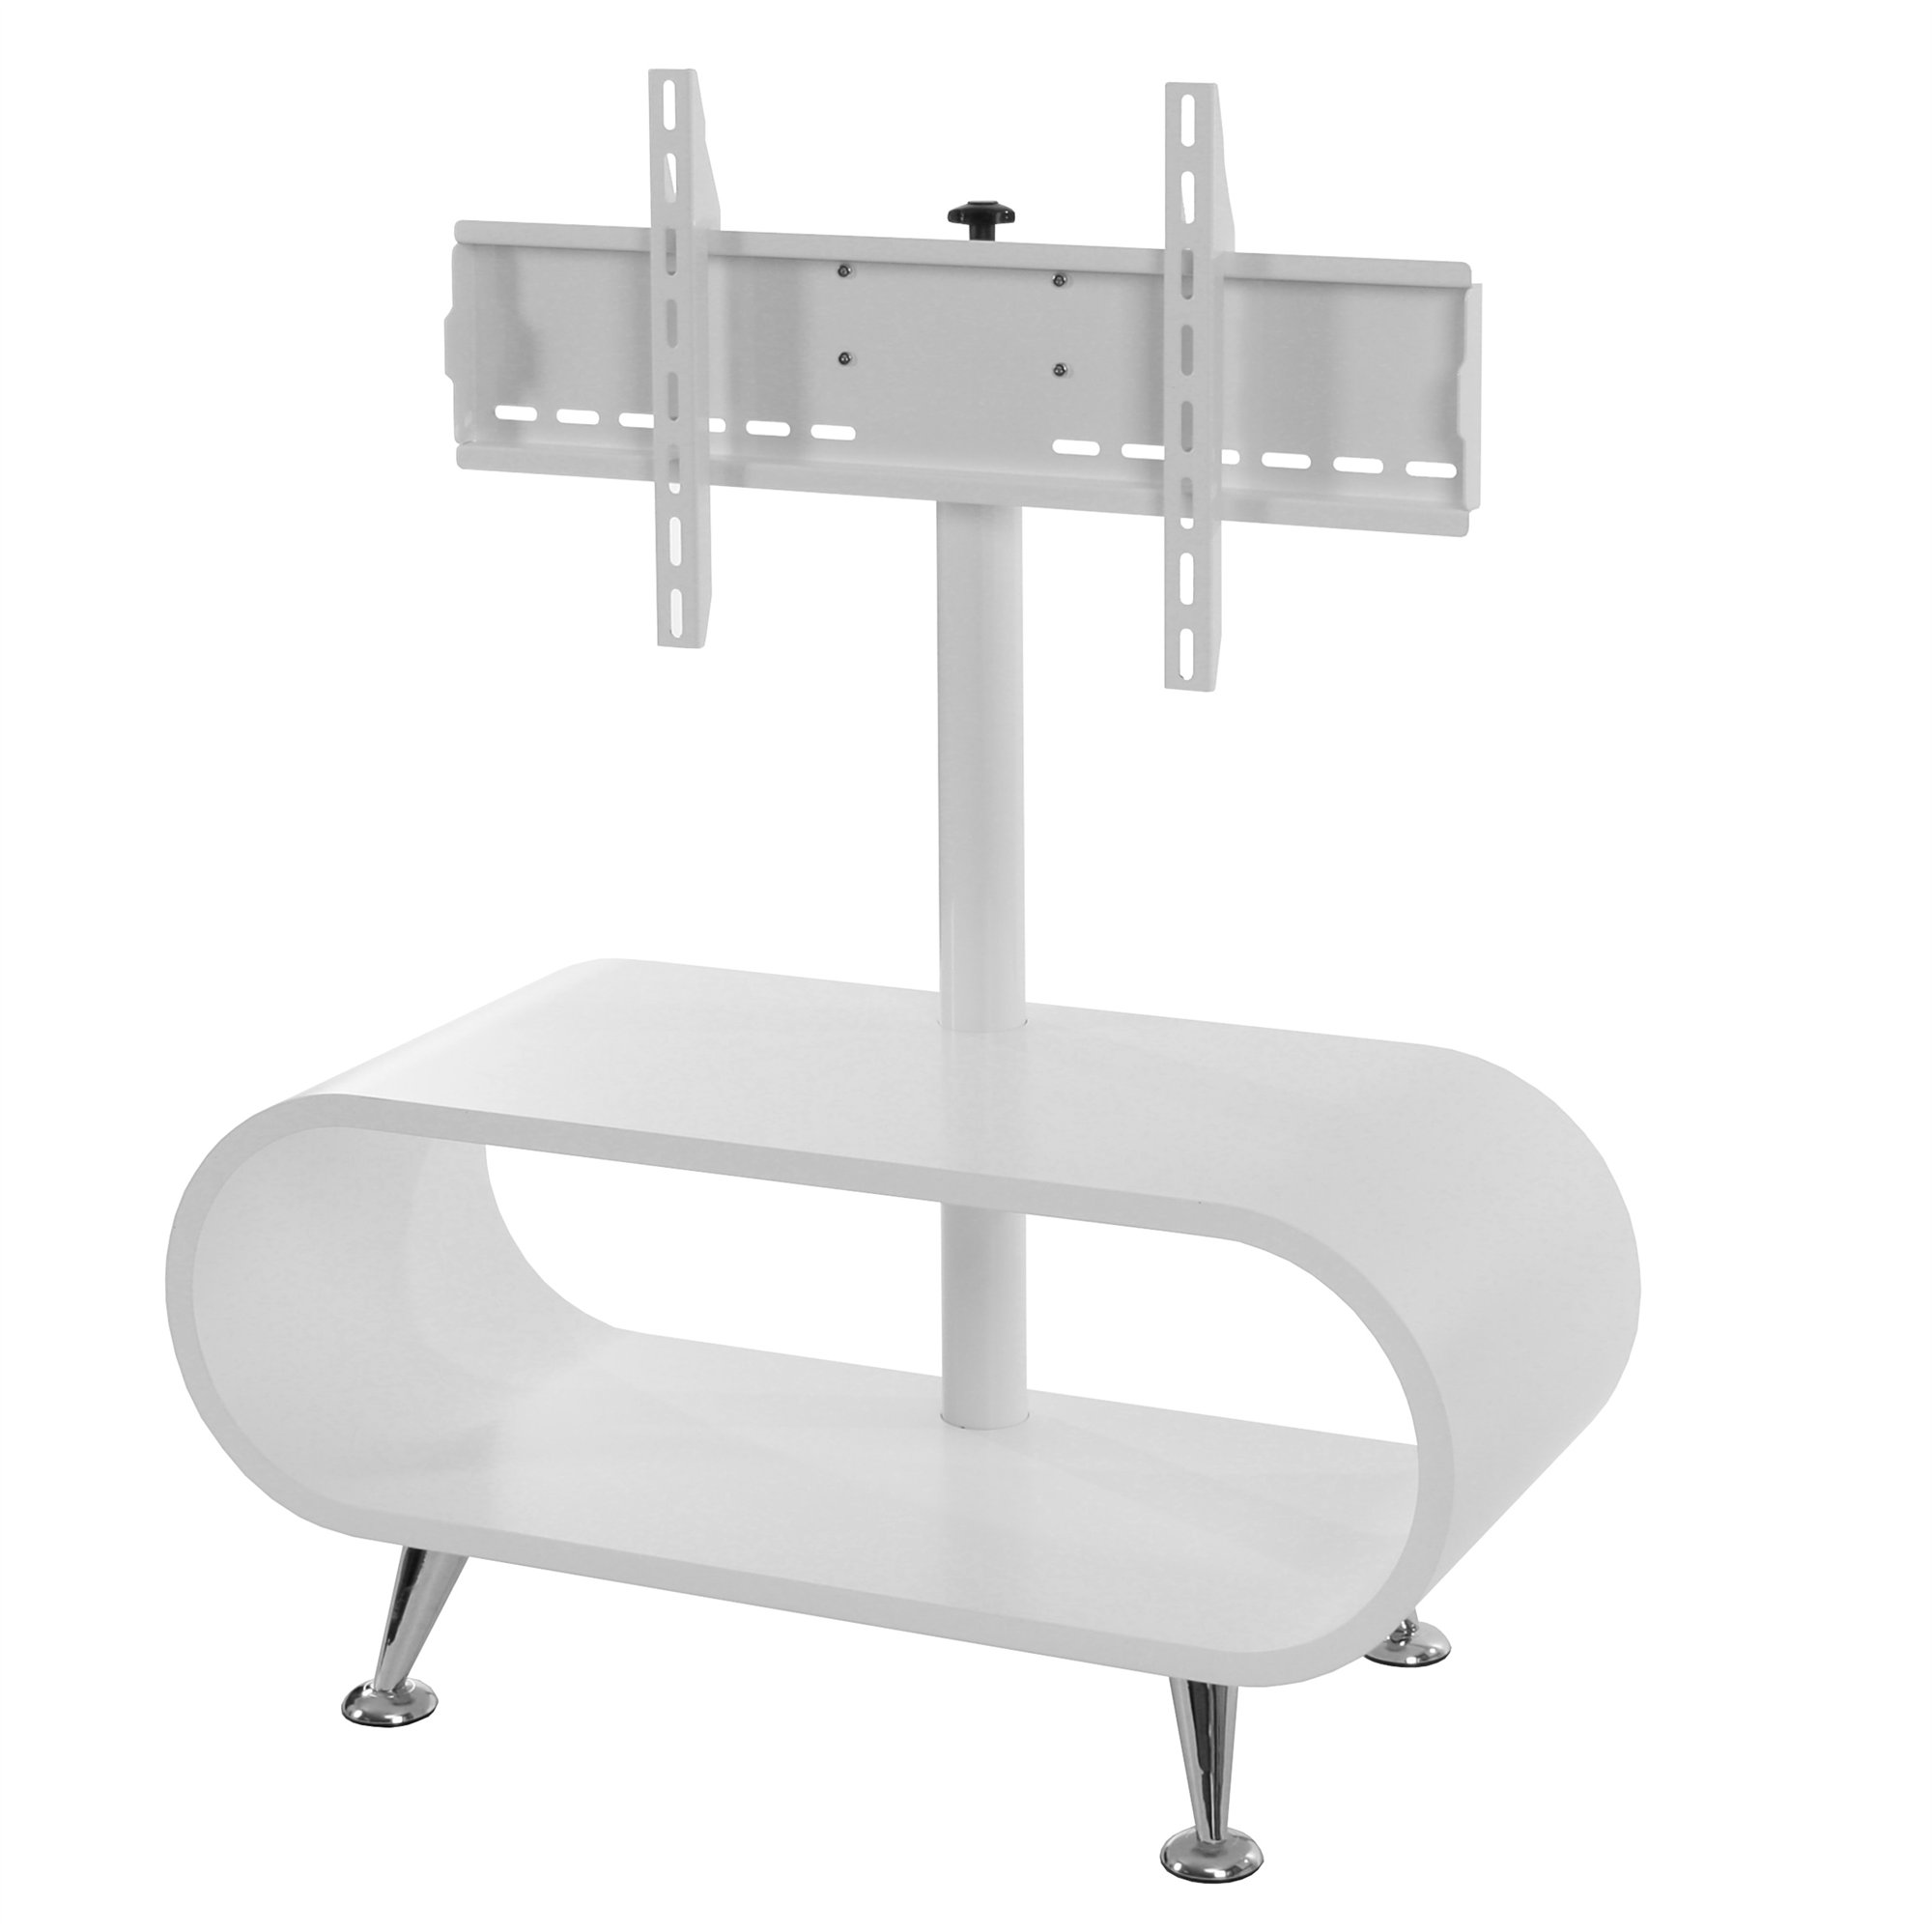 Mesa para tv de plasma prato sistema de ajuste tv color blanco for Mesas televisor plasma